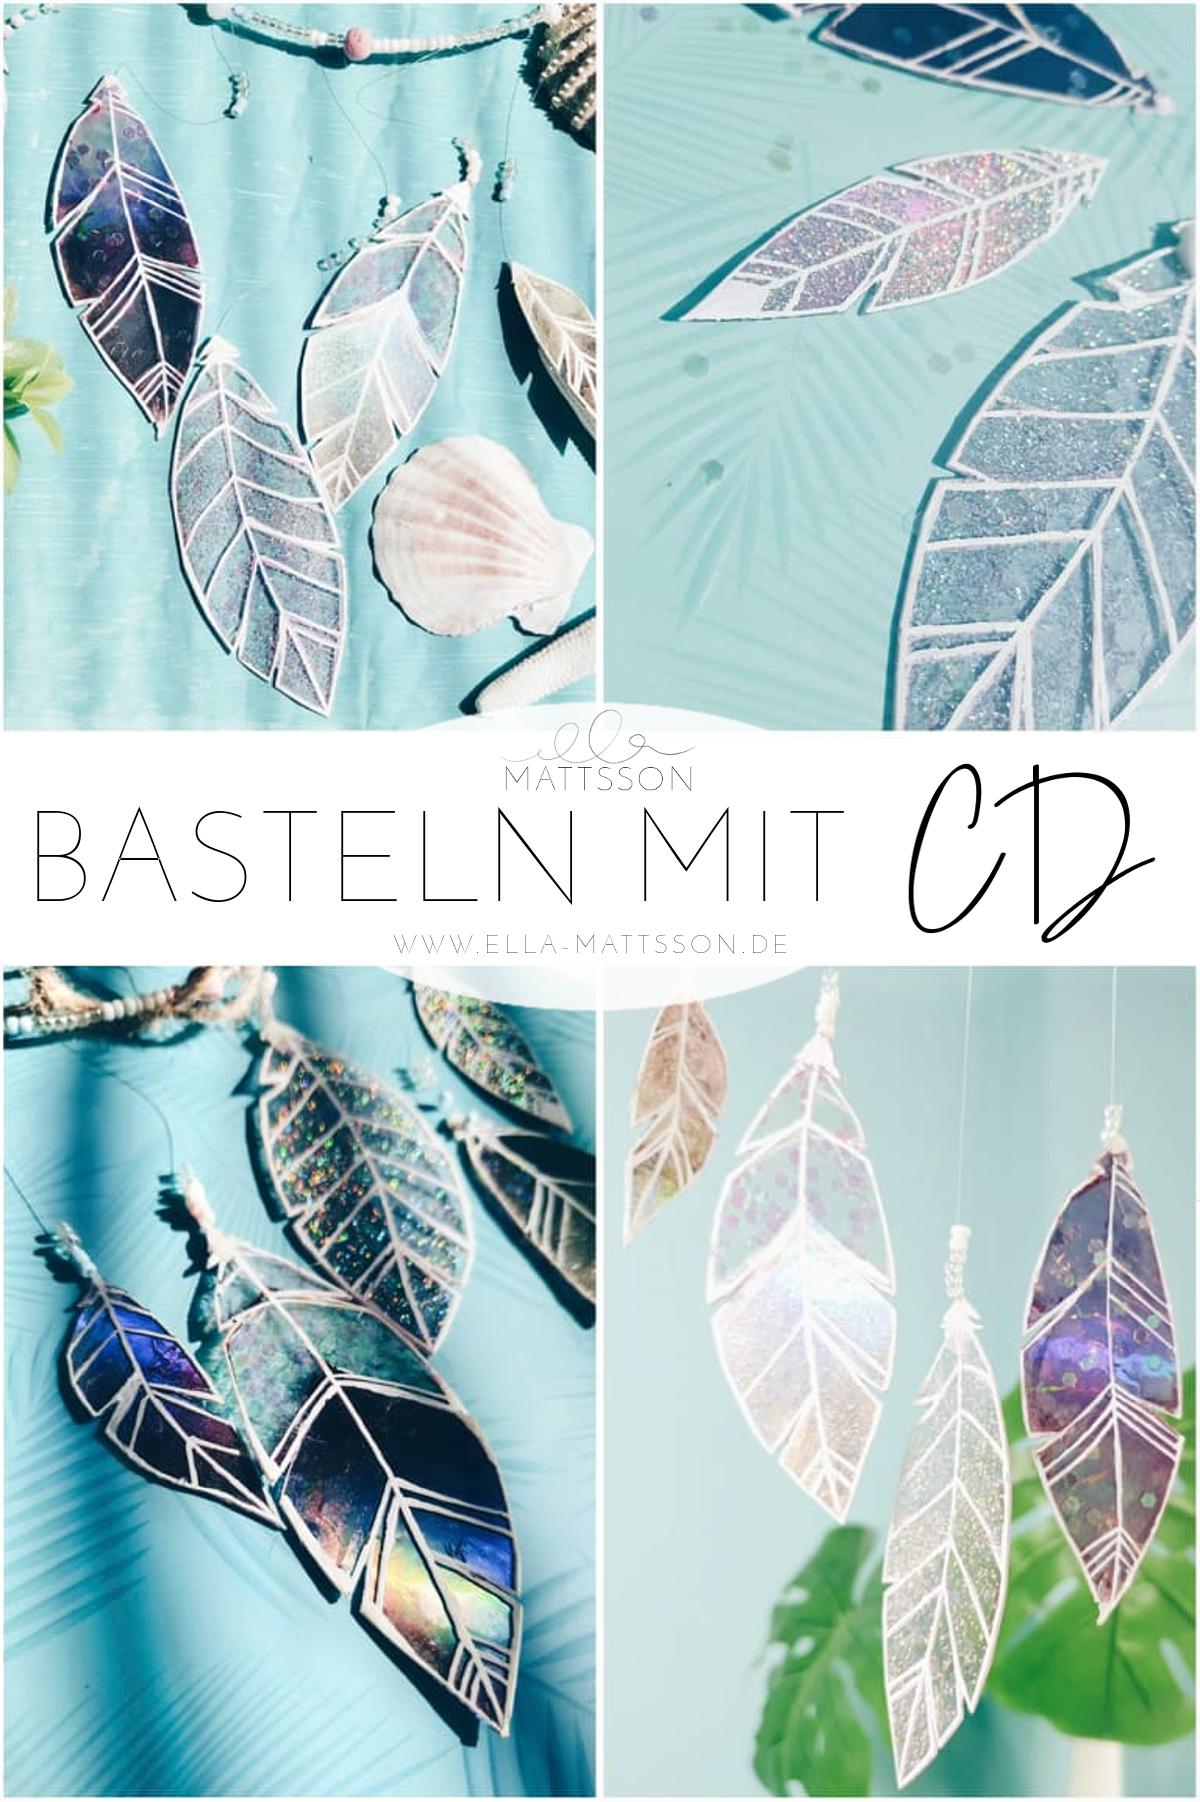 Photo of Basteln mit CD – glitzernden Traumfänger aus CD selbermachen